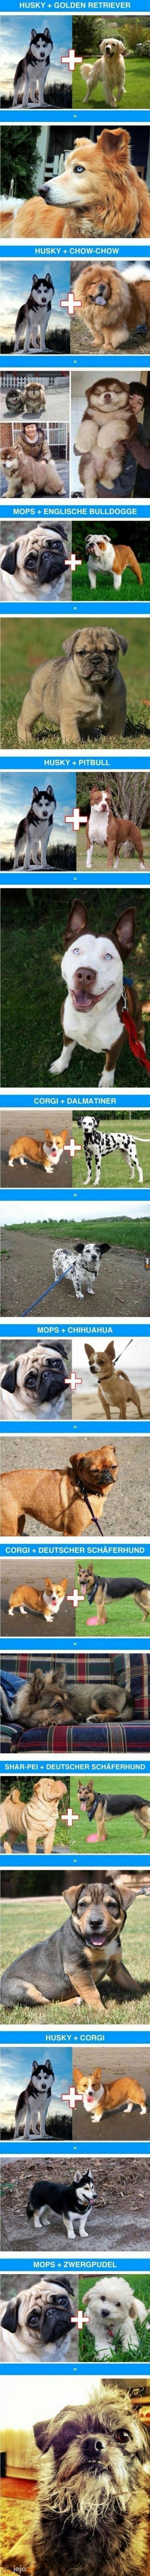 Urocze krzyżówki różnych psich ras